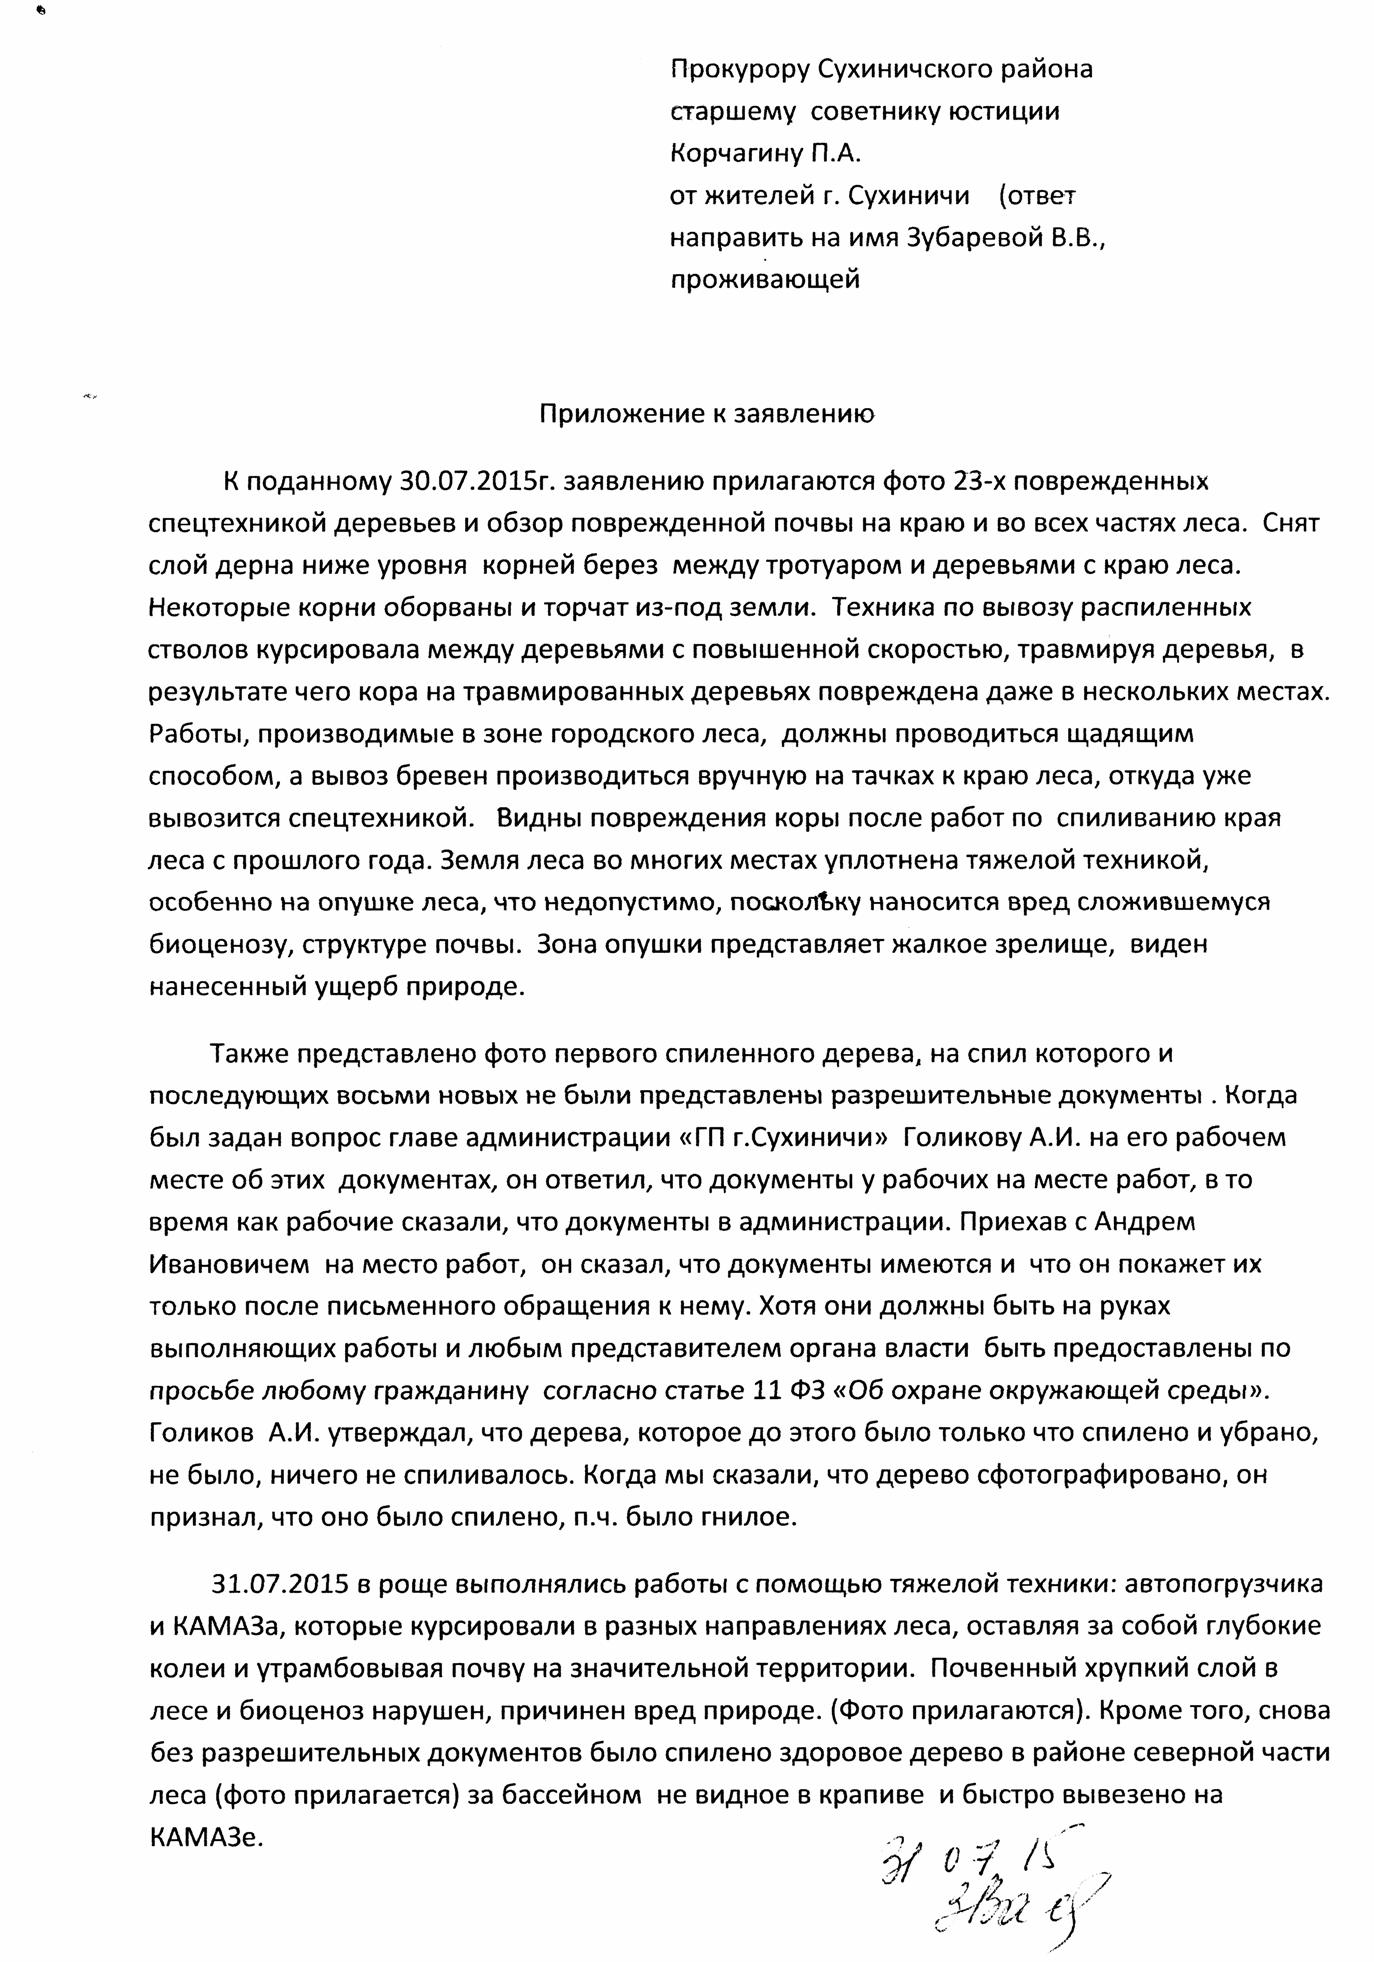 Приложение к заявлению в пр-ру от 31.07.15_1